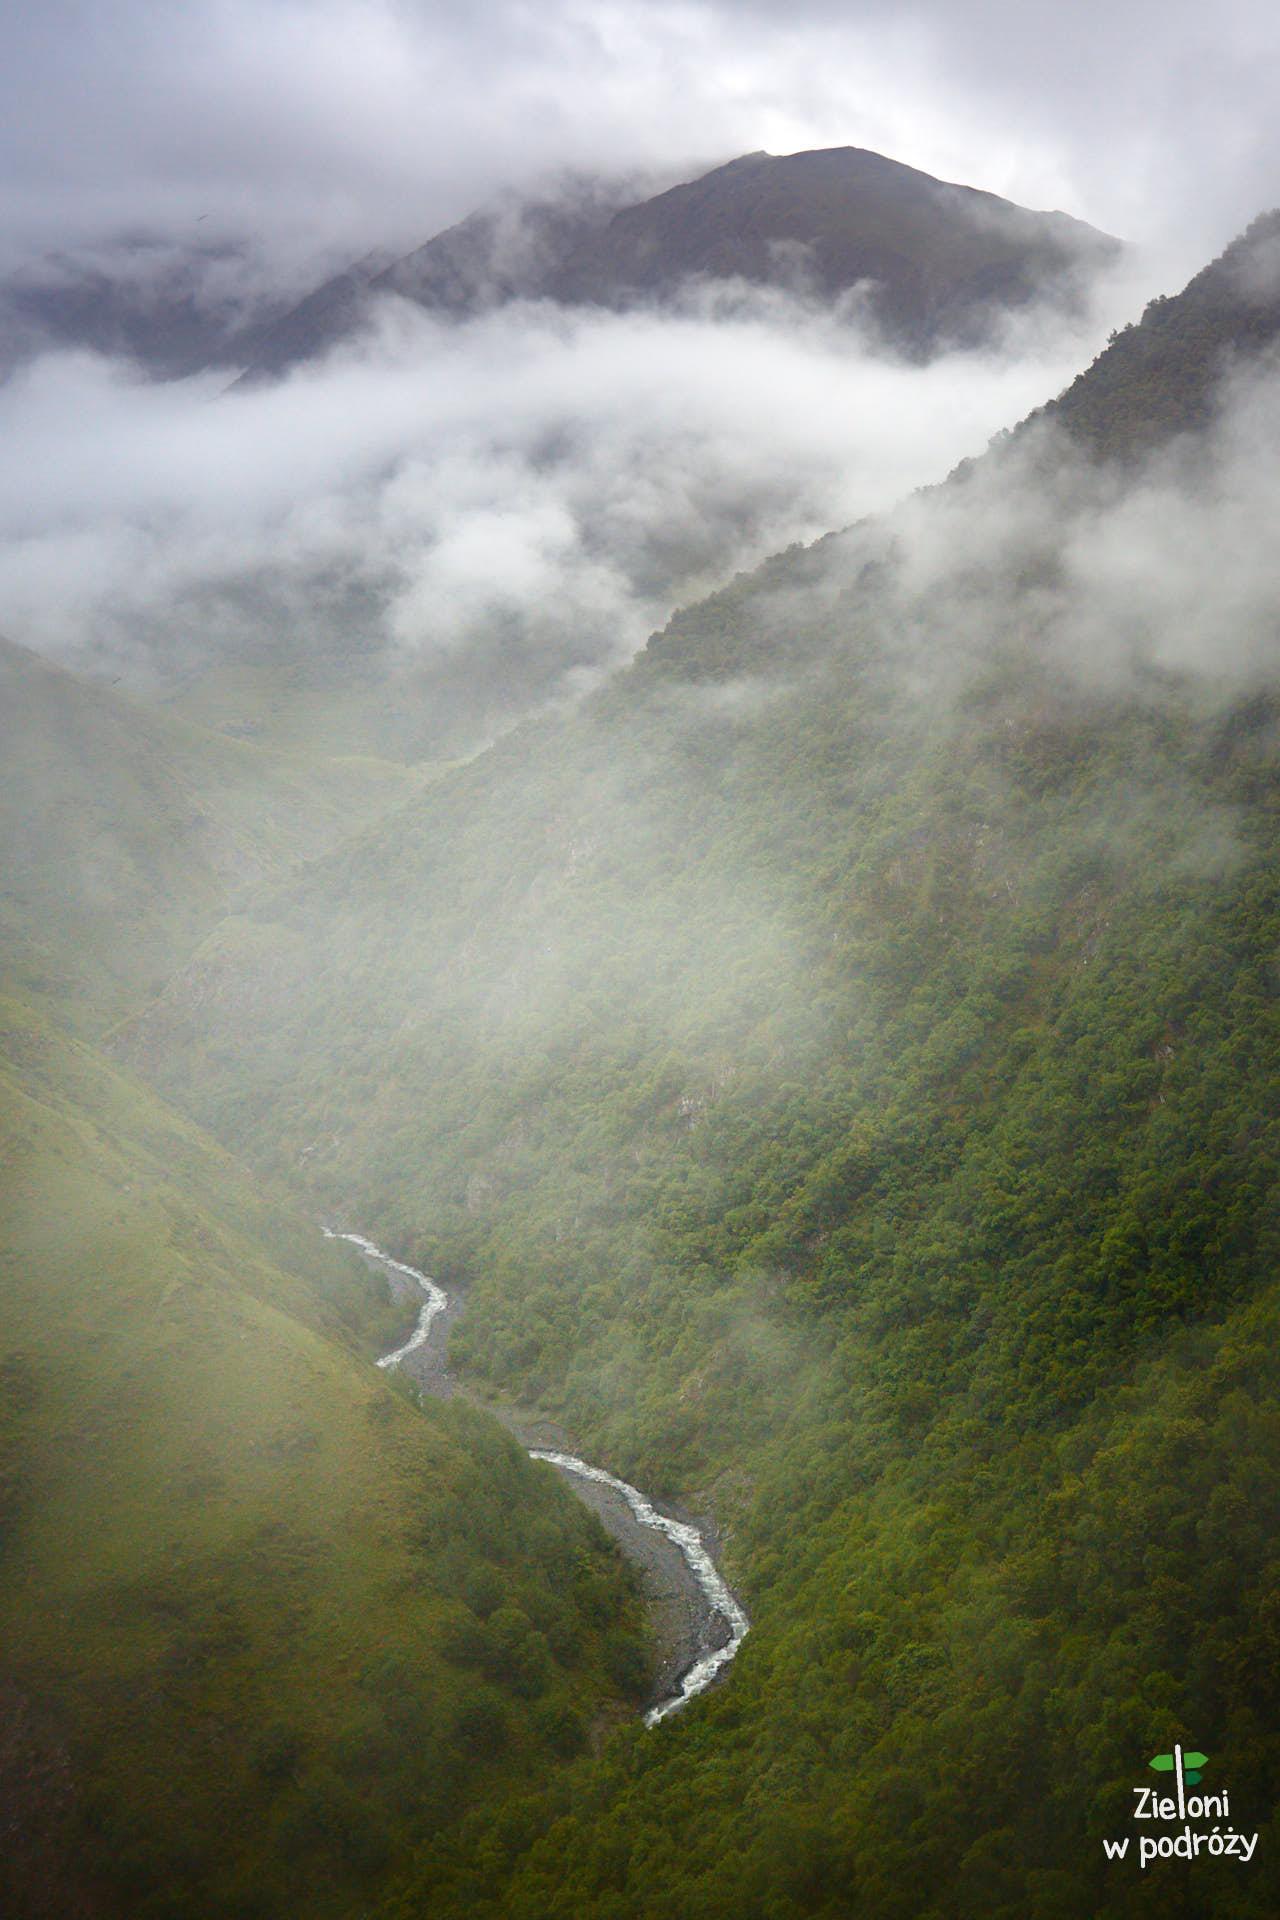 Opuszczamy grzbiet Khoditani i schodzimy w stronę rzeki